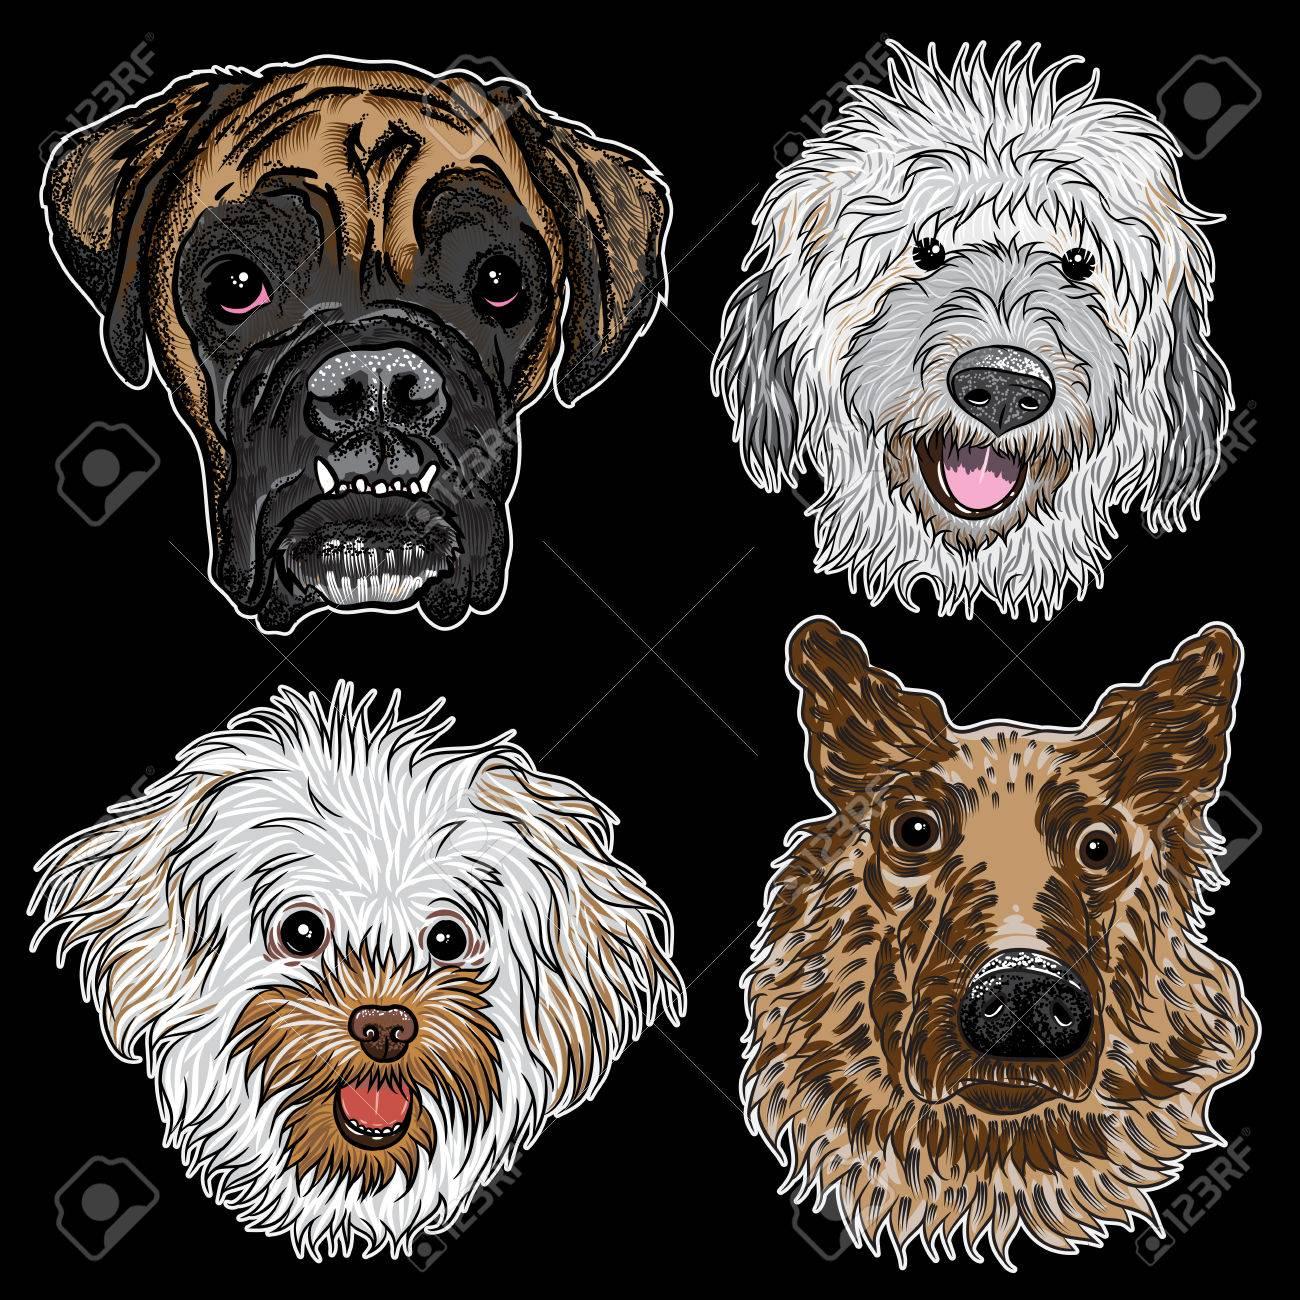 Diferentes Tipos De Perros De Dibujos Animados Dibujado A Mano